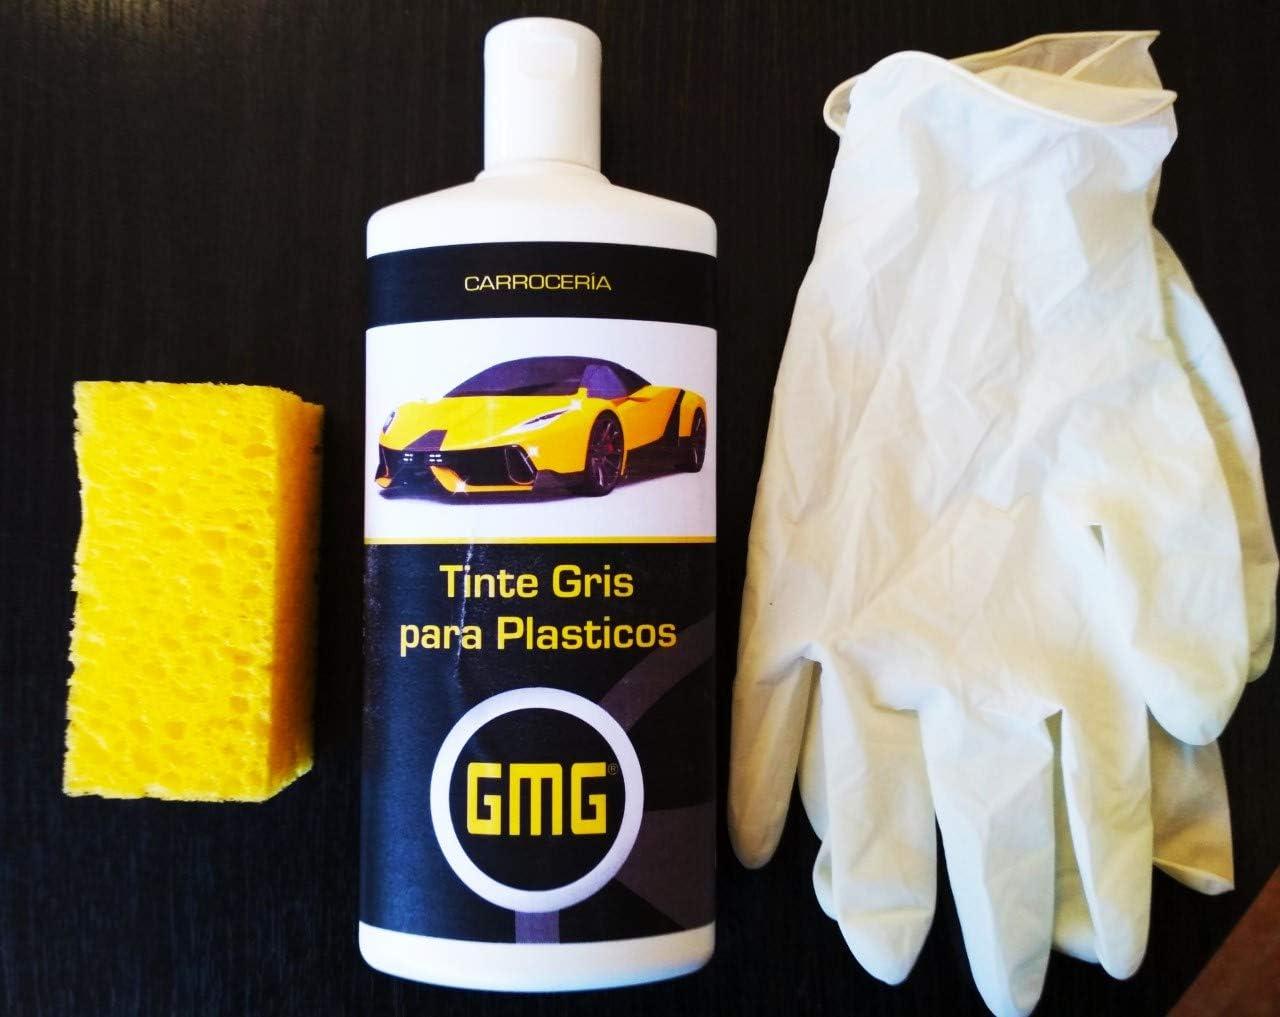 GMG RENOVADOR para PLASTICOS Tinte Gris 0,5L: Amazon.es ...